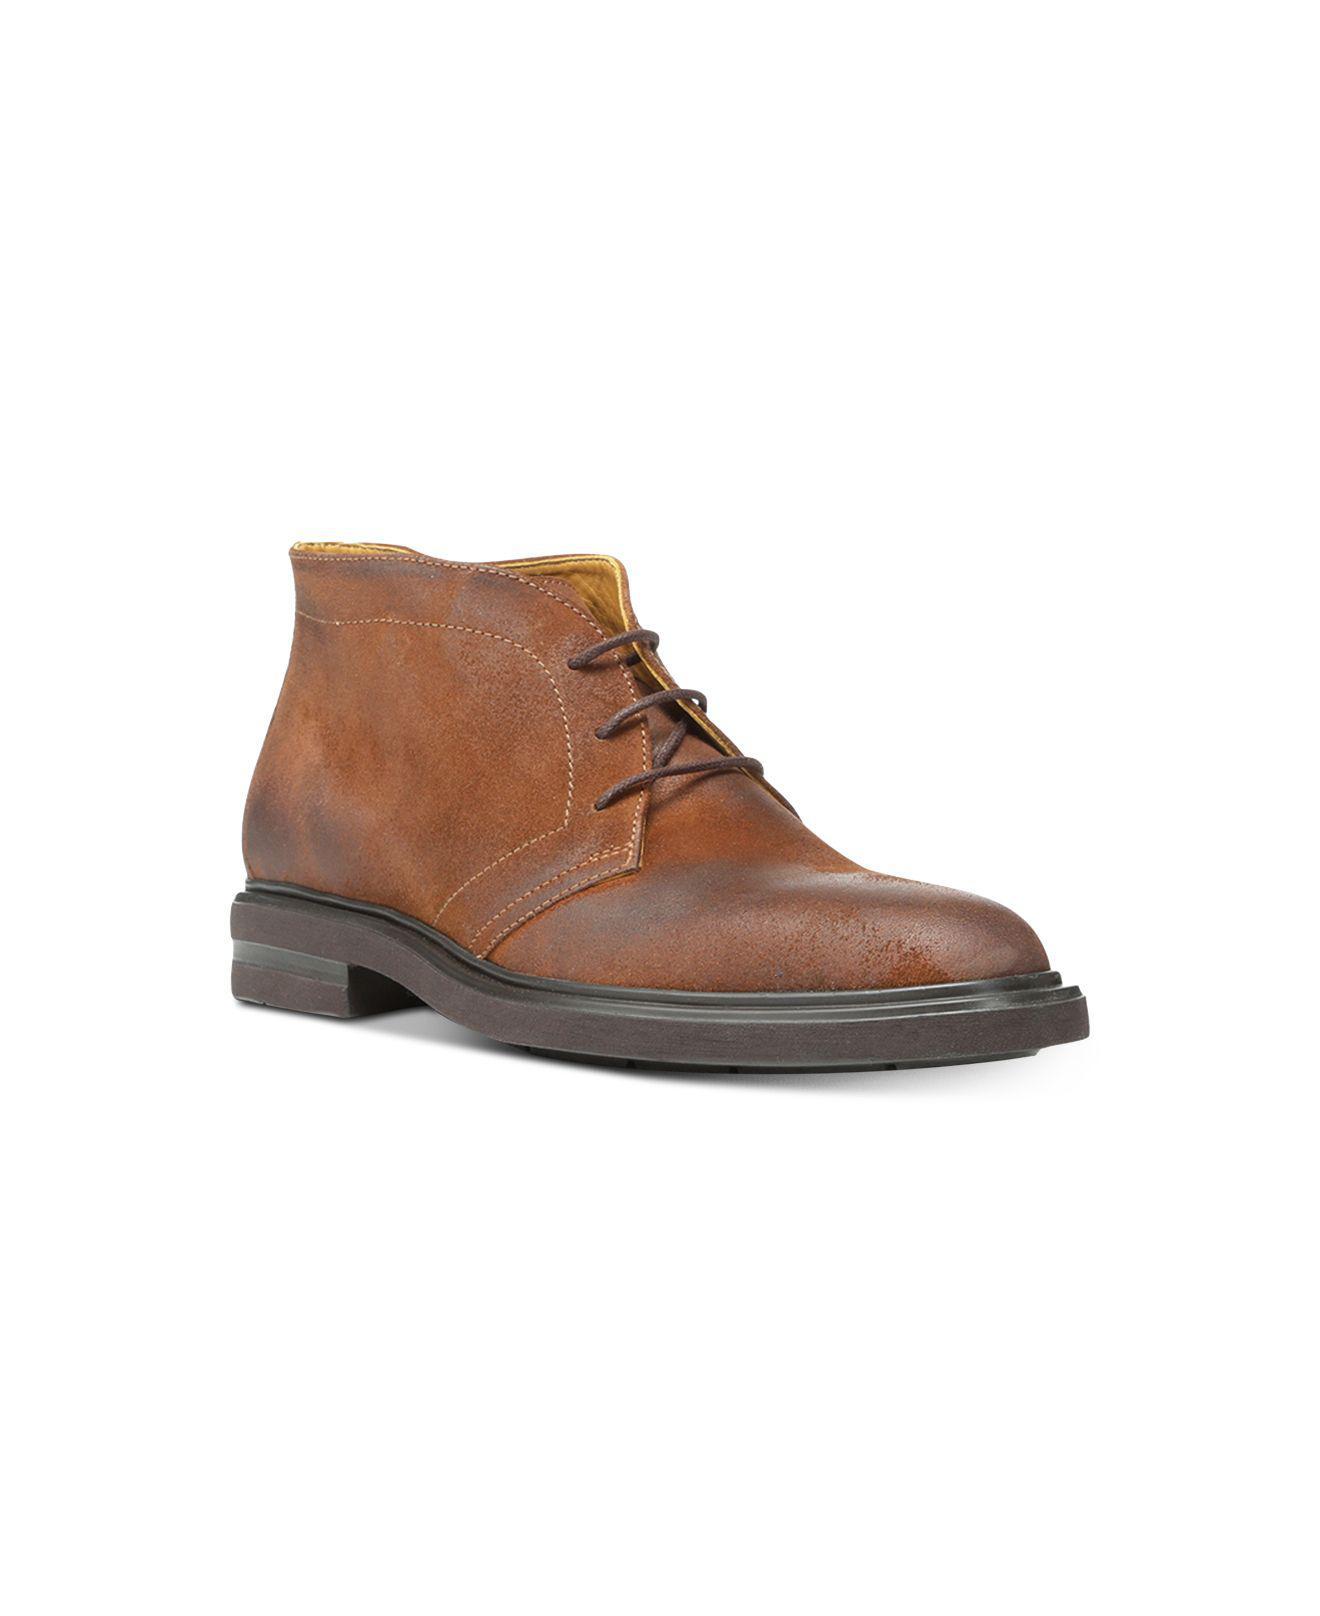 Donald Pliner Men's Ericio Vintage Suede Chukka Boots Men's Shoes t5pmcC8